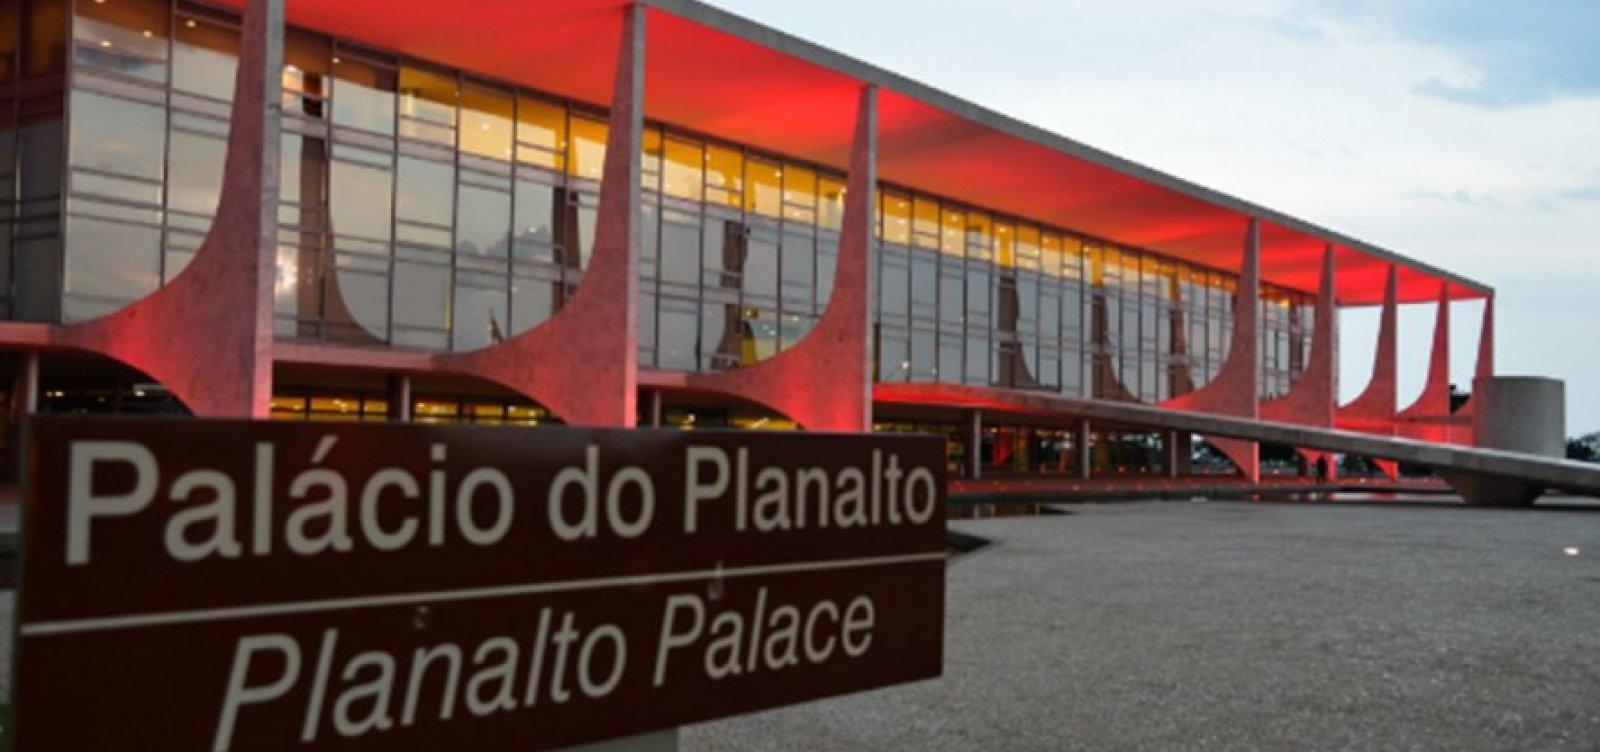 [Brasil vai ser incluído em lista negra da Organização Internacional do Trabalho]